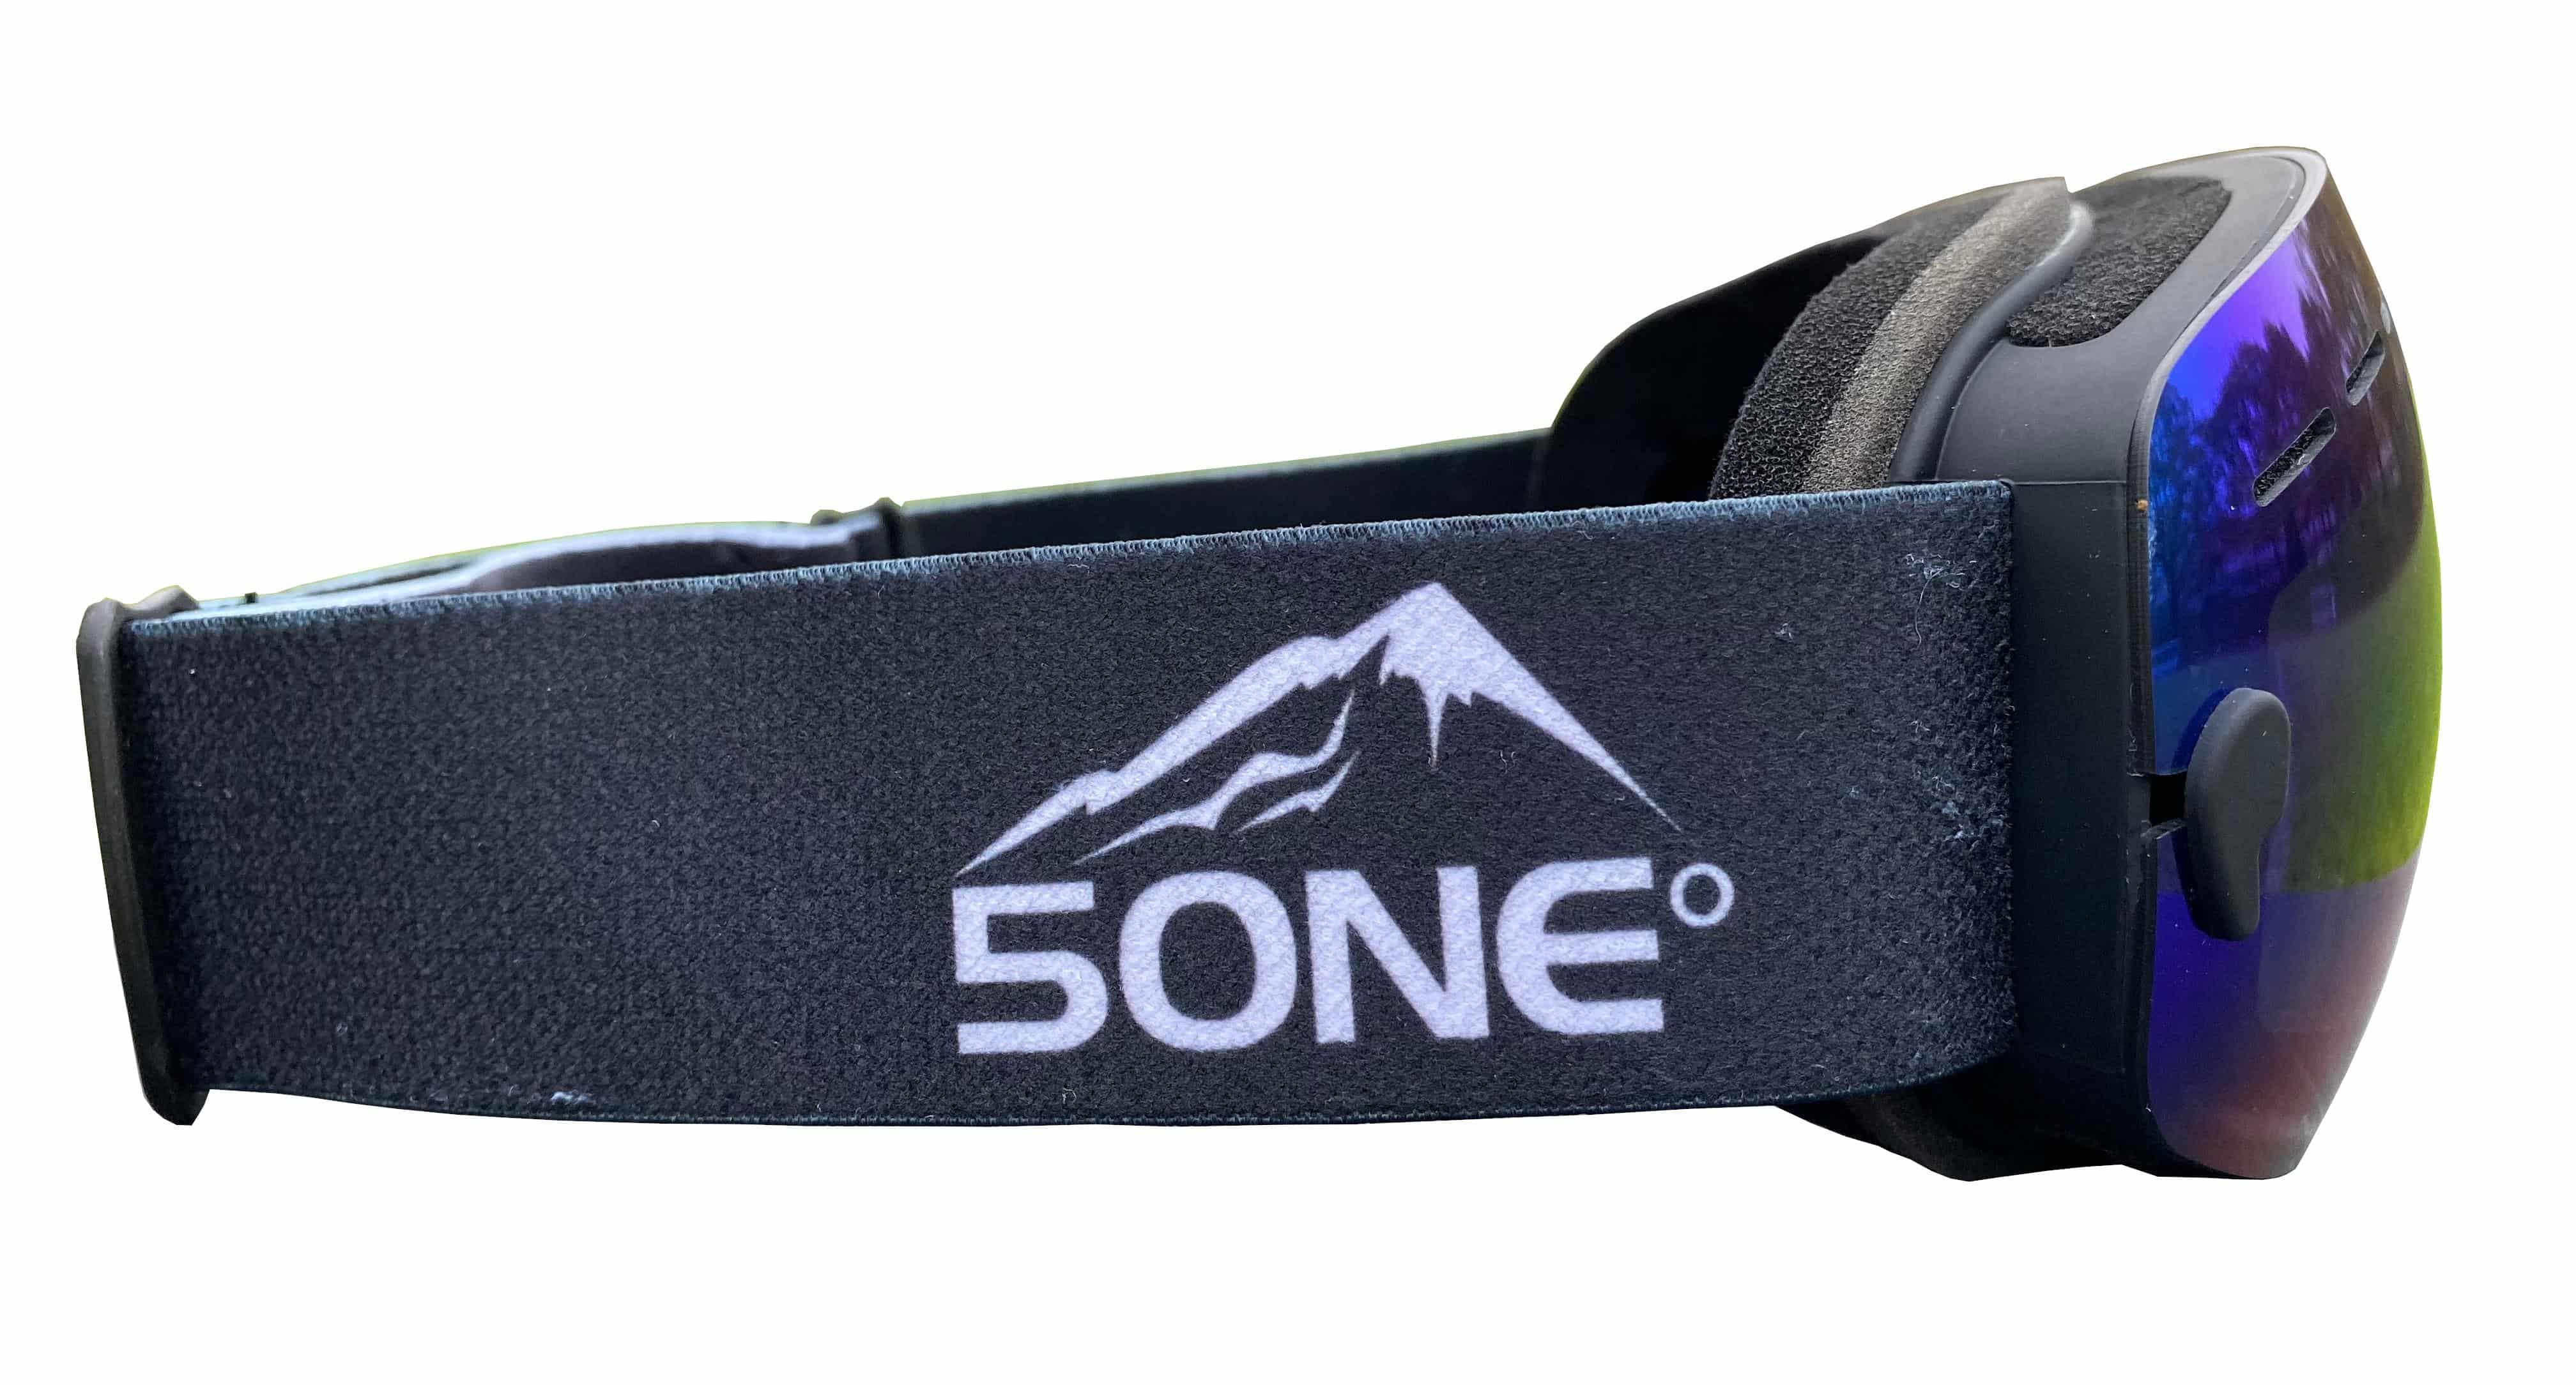 5one® Alpine 2 kinder skibril - Green revo + gele lens - antic-ondens